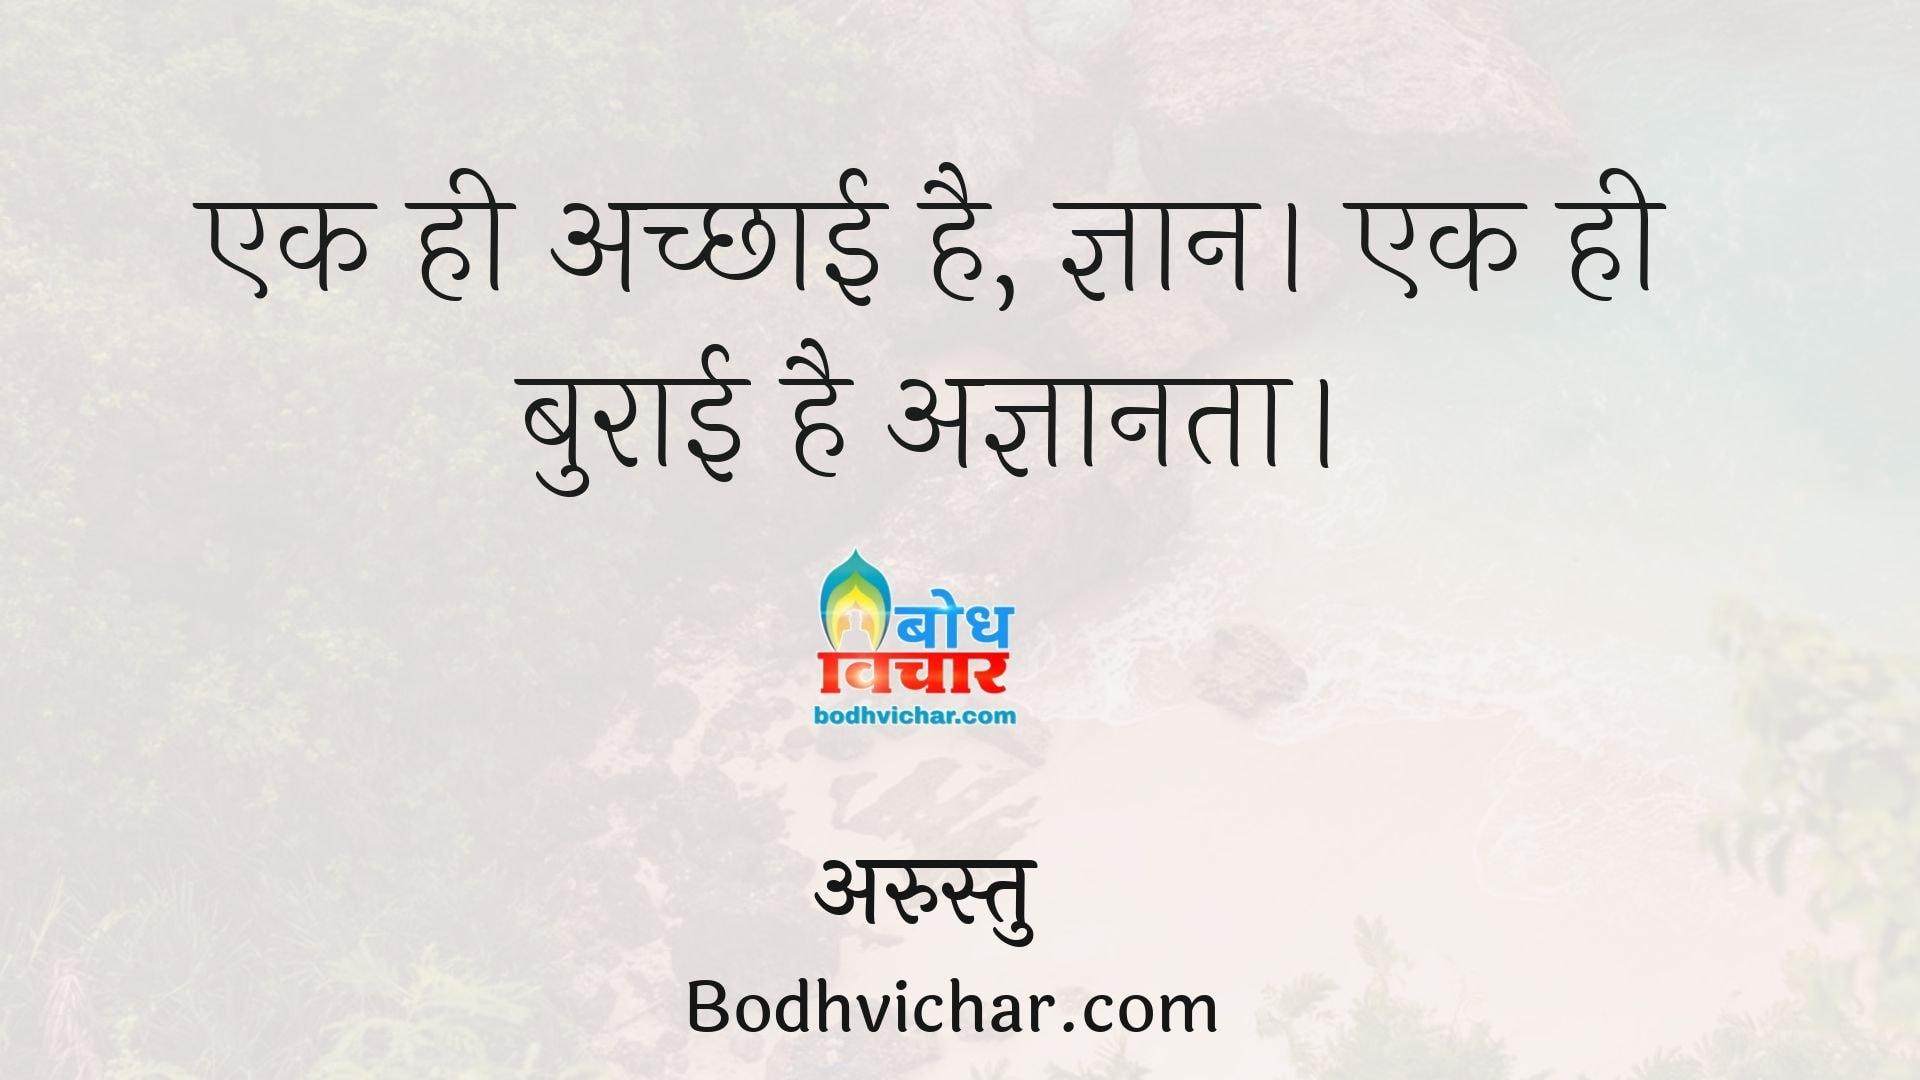 एक ही अच्छाई है, ज्ञान। एक ही बुराई है अज्ञानता। : Ek hi achchai hai - gyaan aur ek hi buraai hai - agyanta - अरस्तु